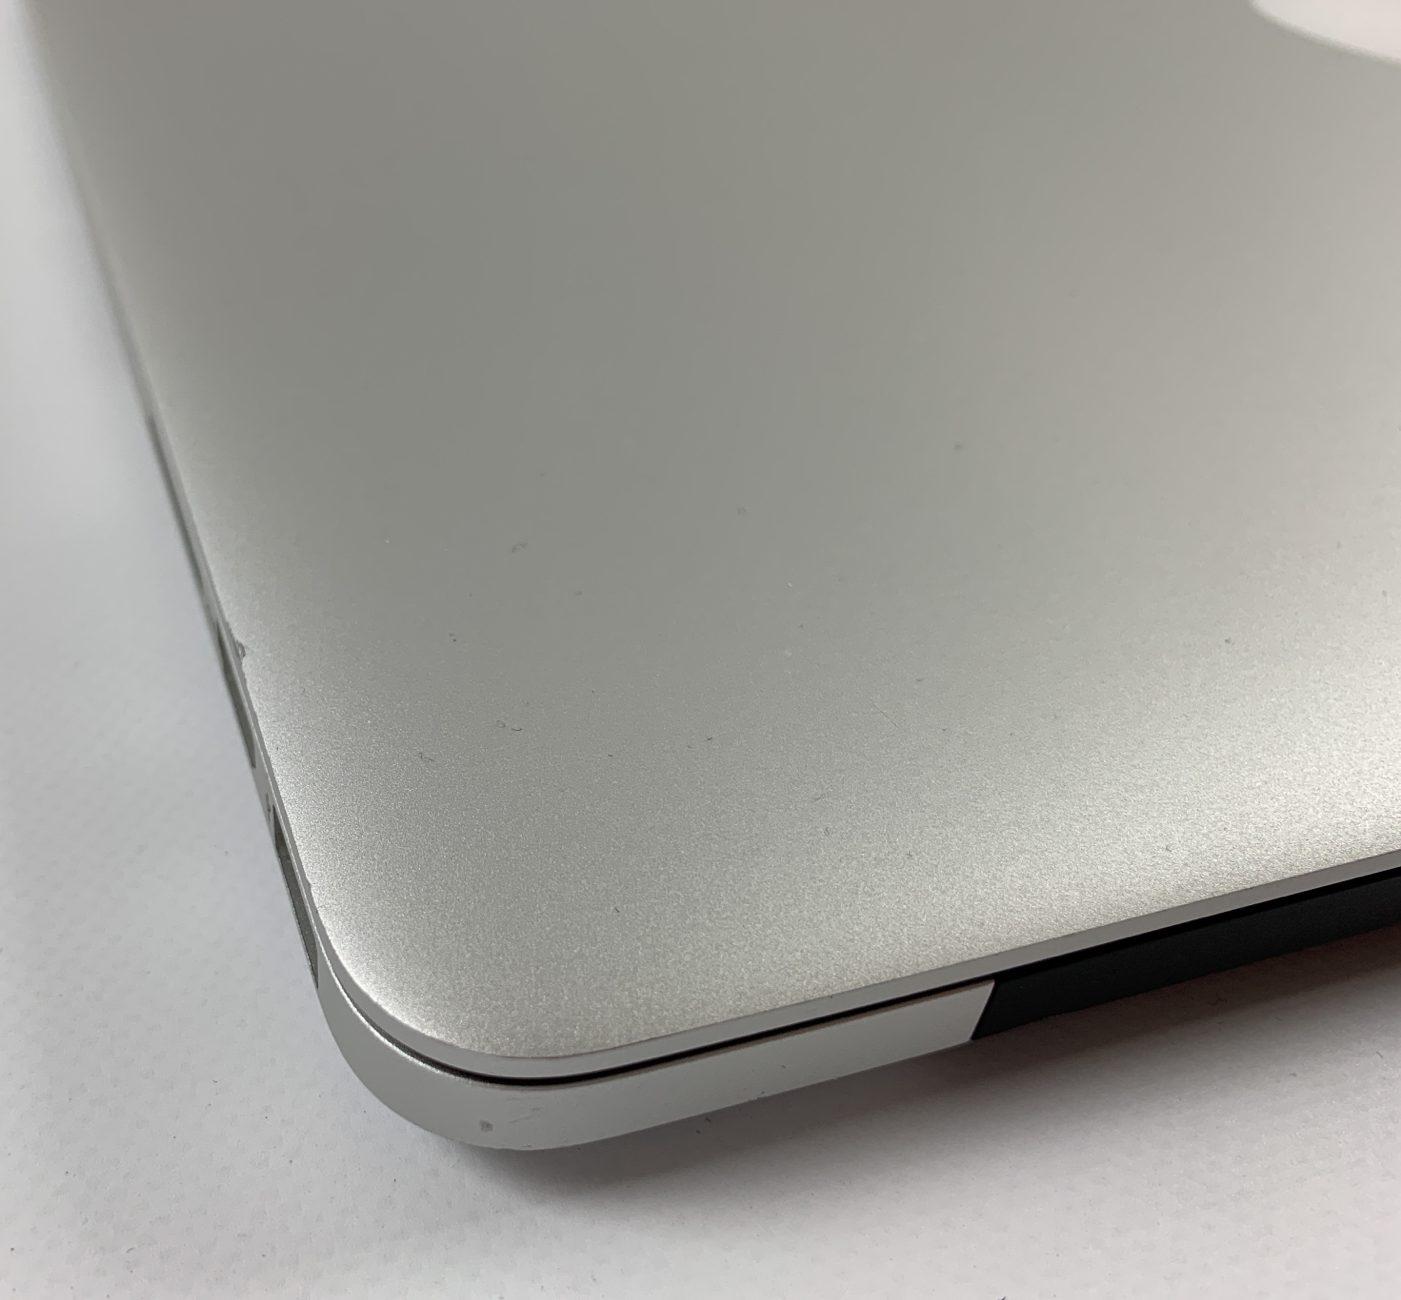 """MacBook Pro Retina 15"""" Mid 2015 (Intel Quad-Core i7 2.2 GHz 16 GB RAM 256 GB SSD), Intel Quad-Core i7 2.2 GHz, 16 GB RAM, 256 GB SSD, Kuva 4"""